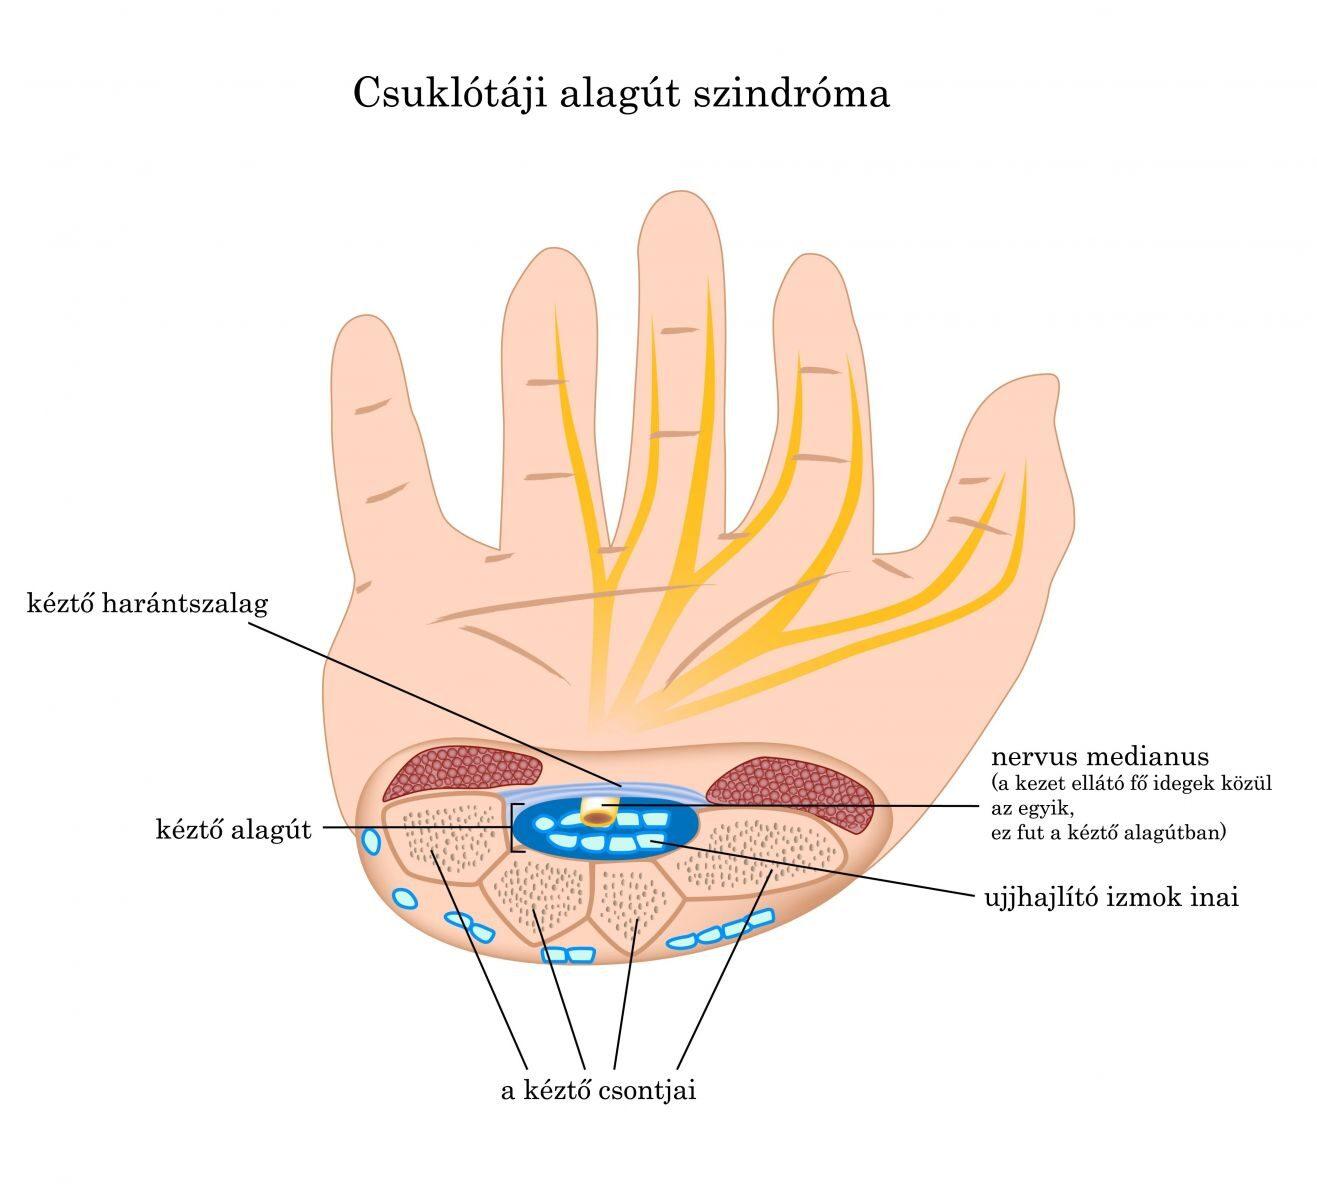 fájdalomcsillapító kenőcsök az ujjak artritiszére